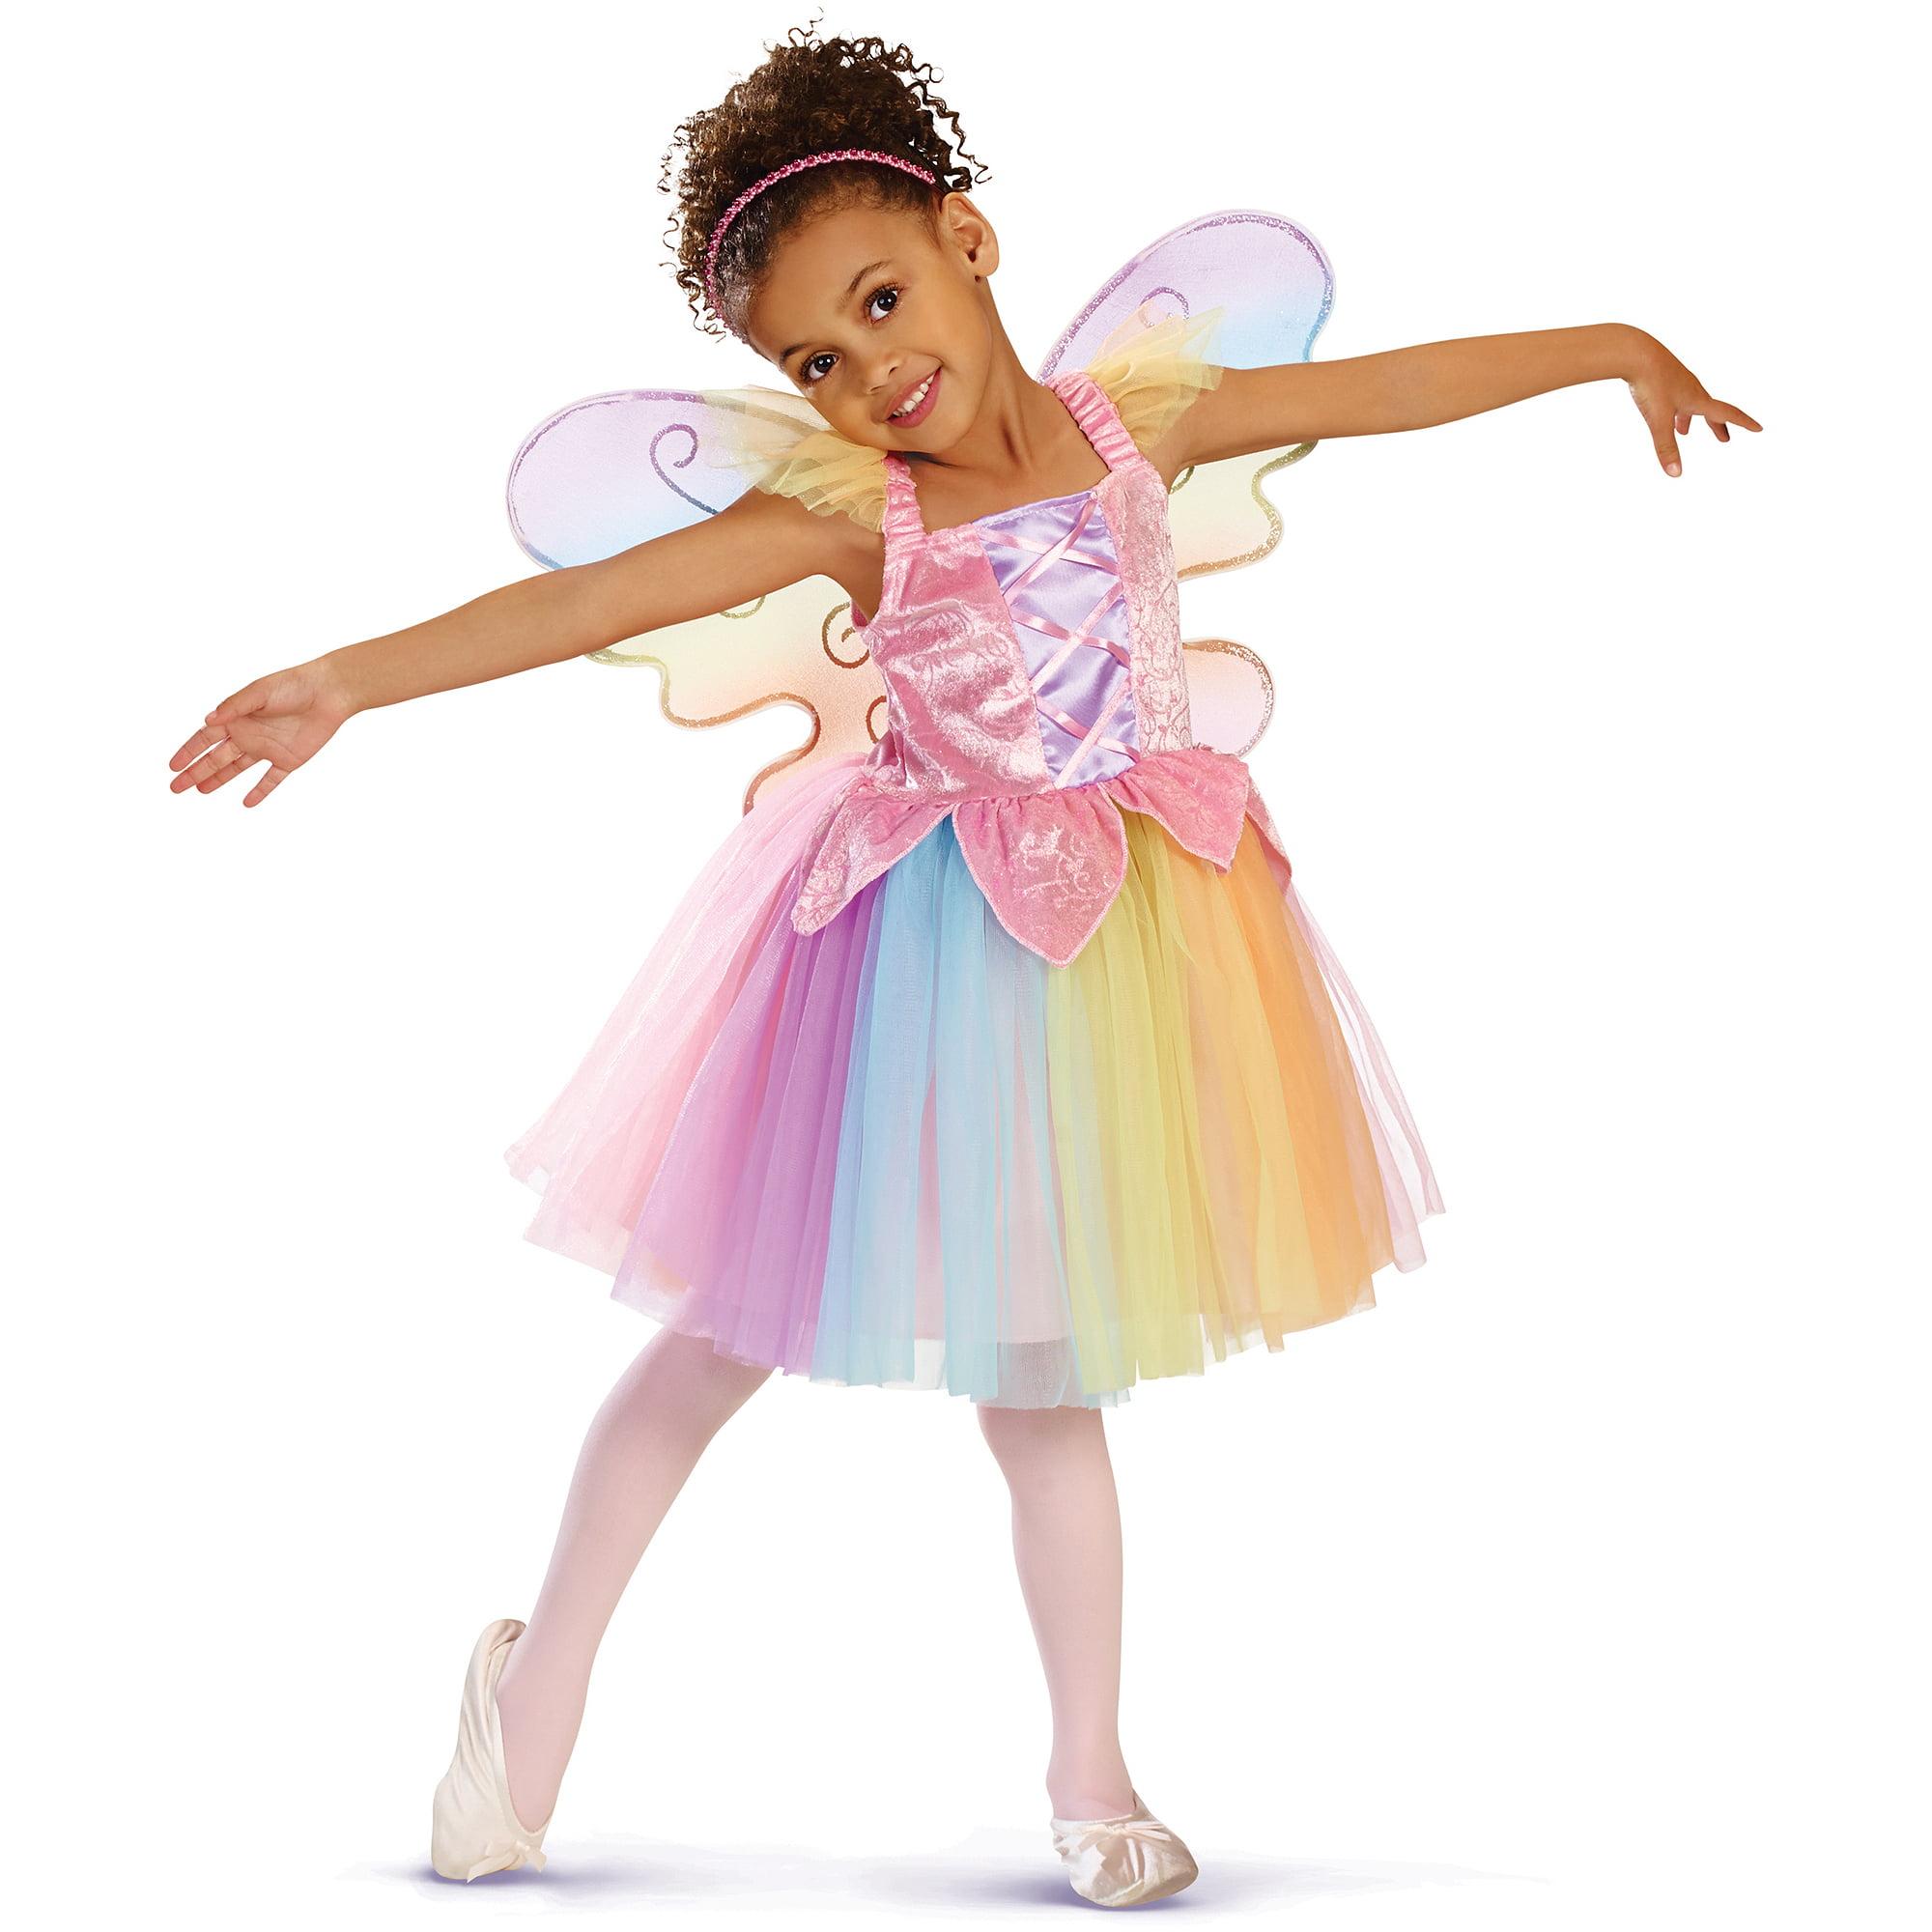 sc 1 st  Walmart & Wish I Was Girlsu0027 Fairy Dress with Wings Set Rainbow - Walmart.com